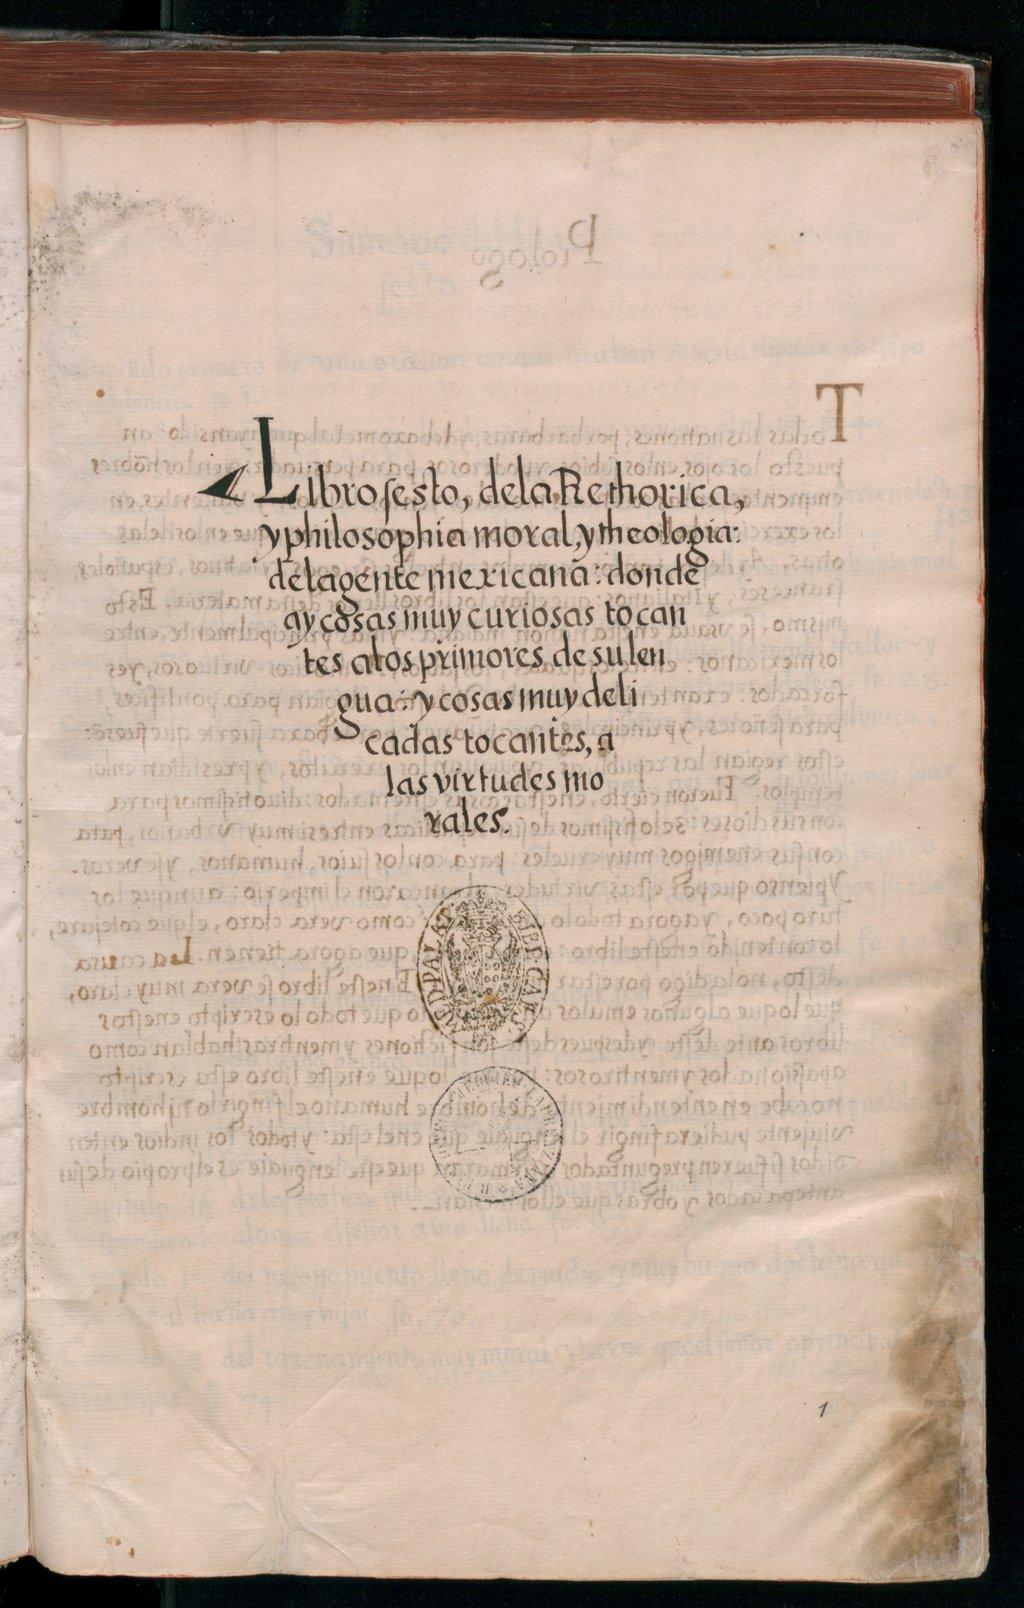 Historia-generla-nueva-espana-filosofia-etica-moral-mexicas-aztecas-retorica